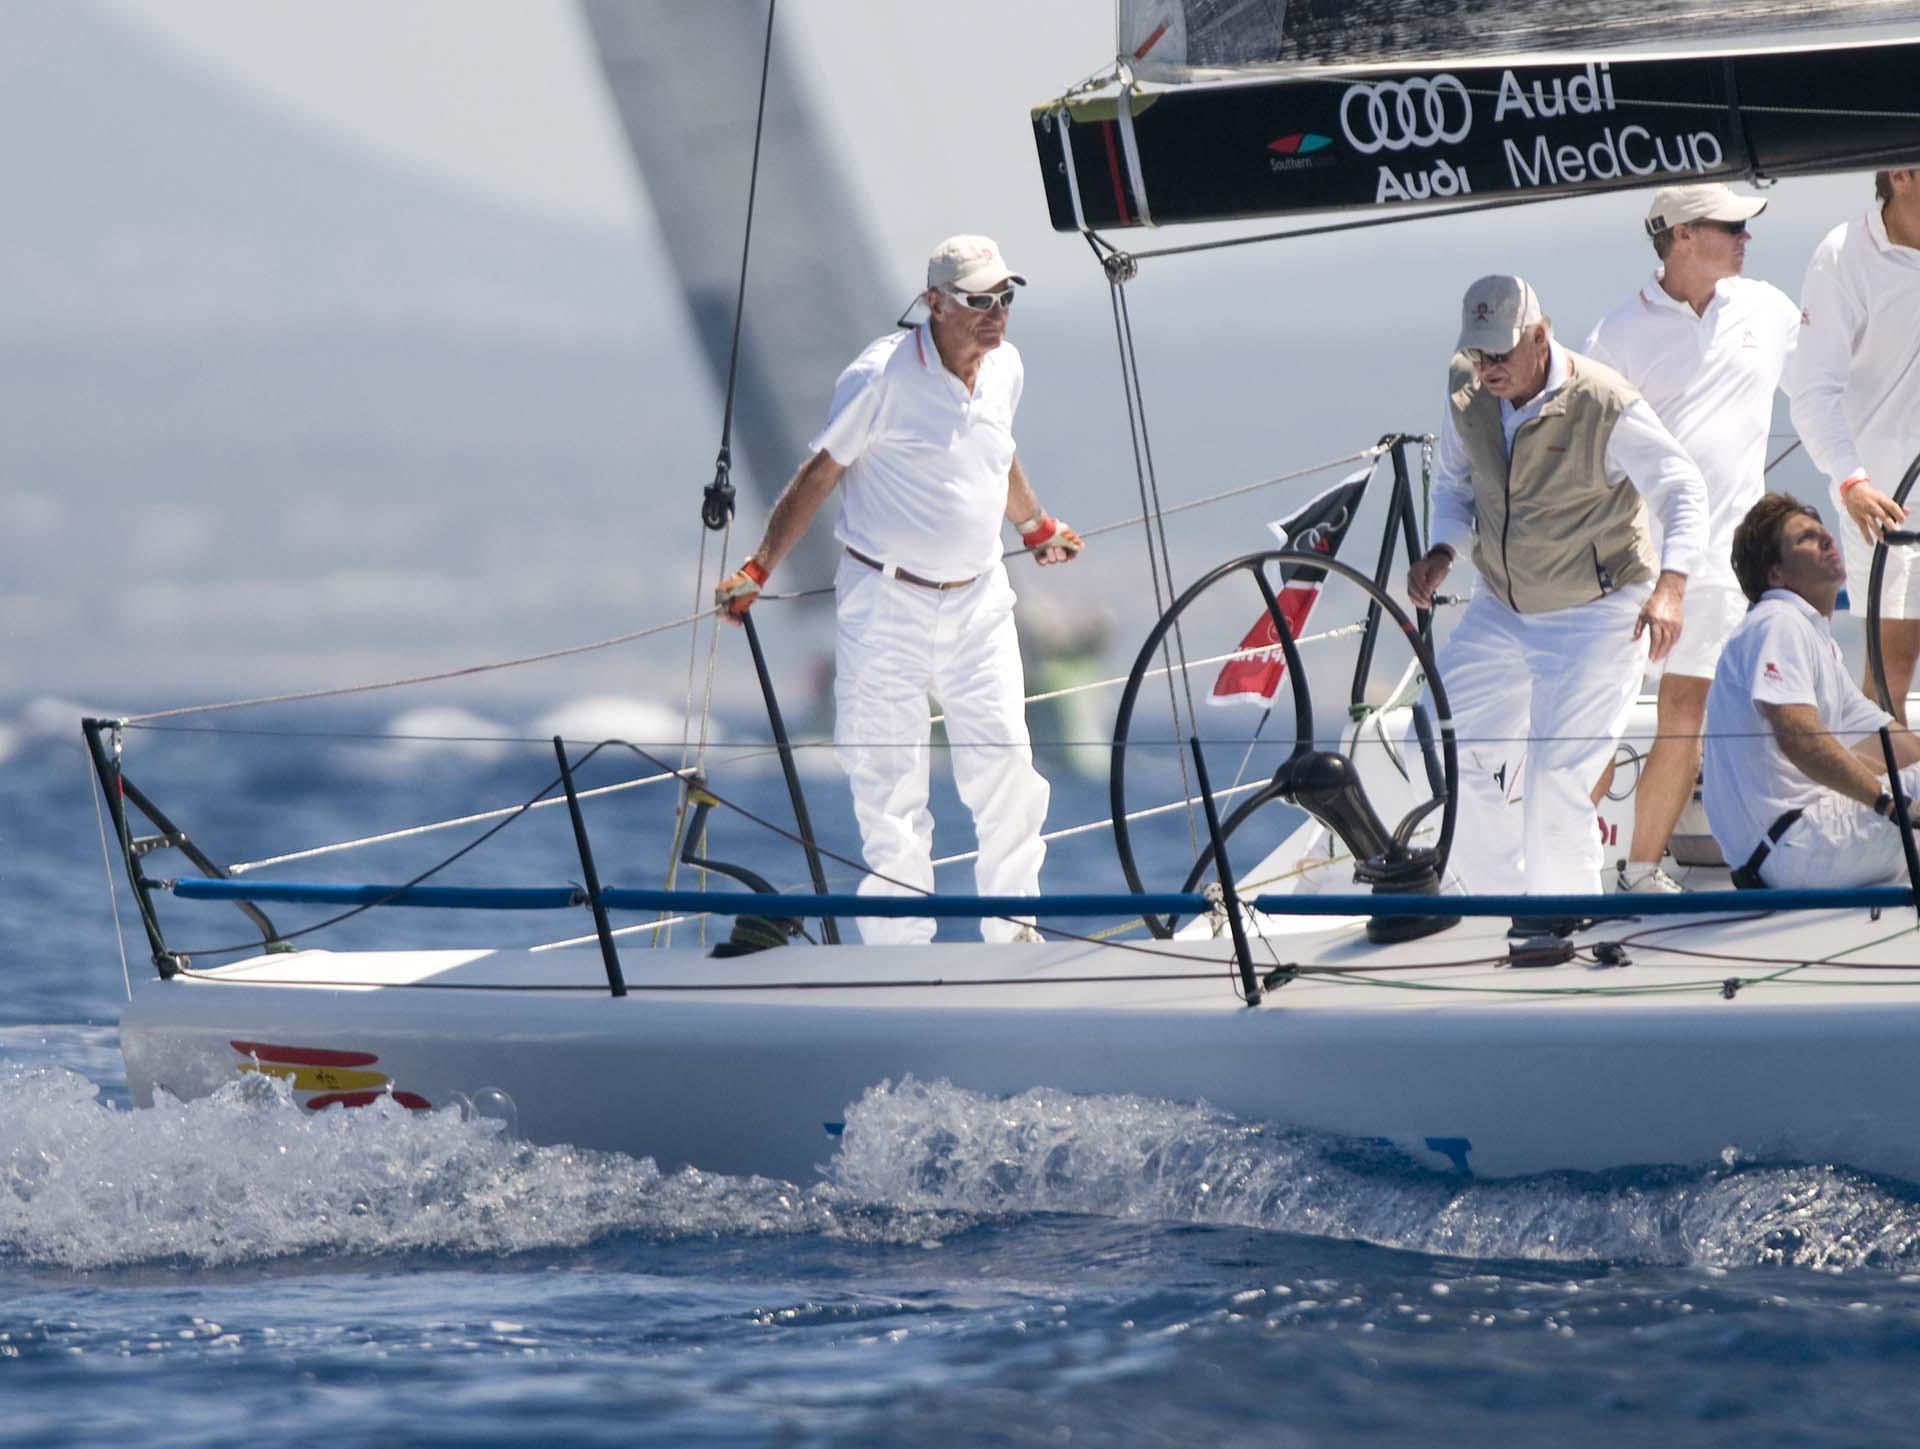 Juan Carlos en el medio de la fotografía durante una travesía en yacht durante la regatta de la Copa del Rey en Palma de Mallorca, España en 2008 (Shutterstock)